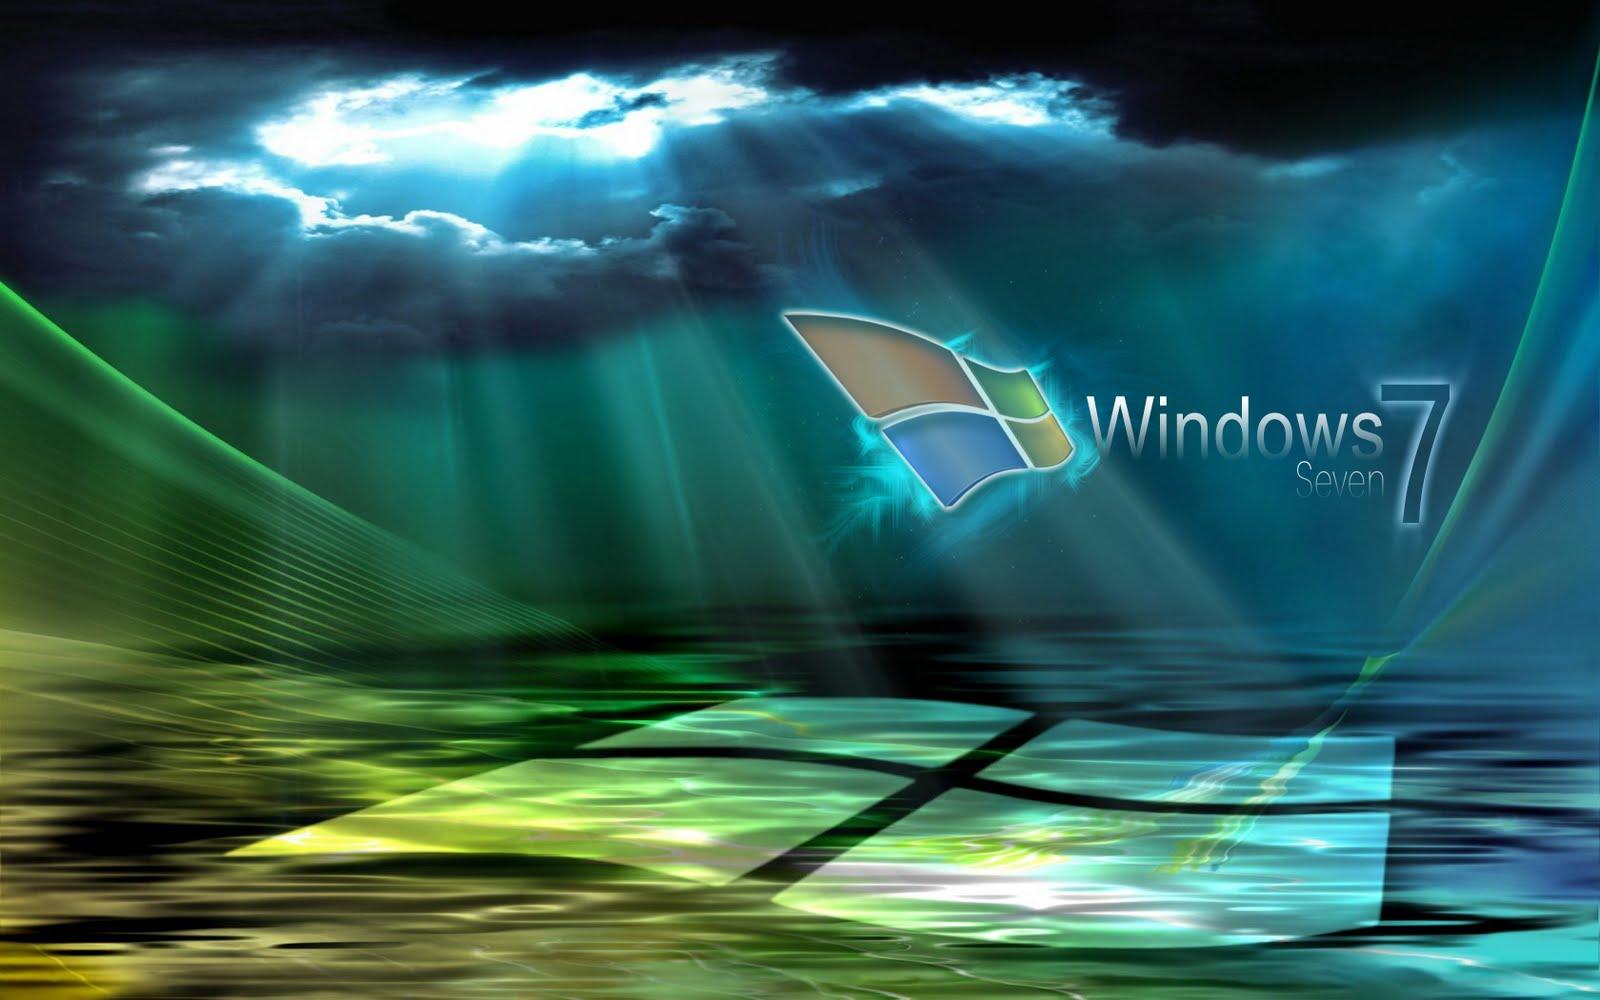 http://4.bp.blogspot.com/_9fpYXVIAc7k/TIptxjyFhdI/AAAAAAAAQlQ/W2RBeJBBQRU/s1600/1259234109_windows-7-wallpaper-4.jpg